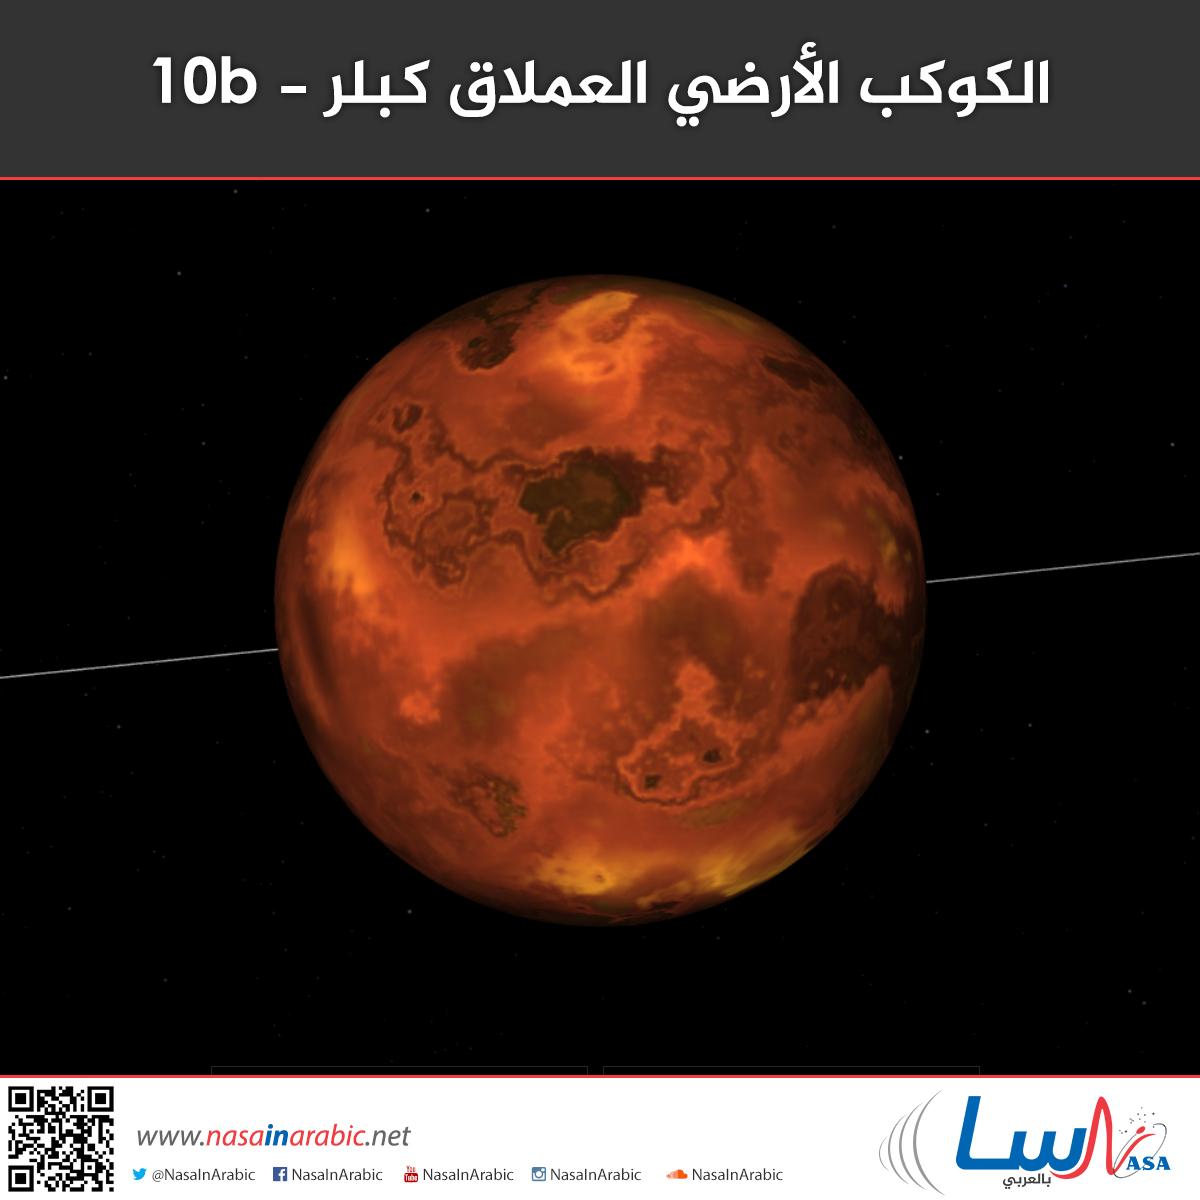 الكوكب الأرضي العملاق كبلر -10b